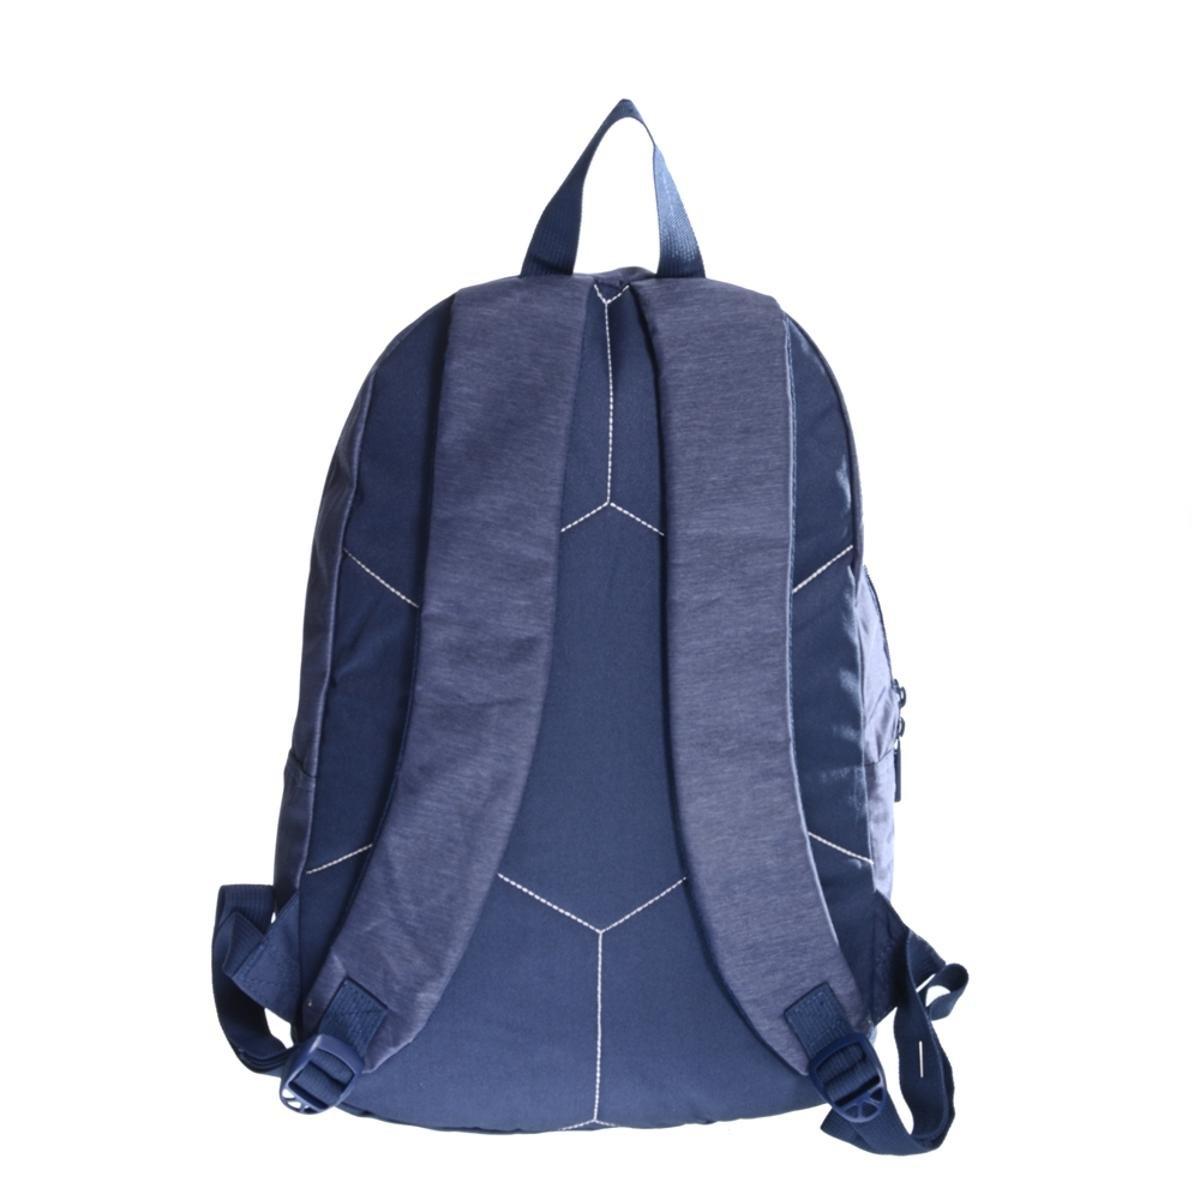 Mochila Redbull Brasil Winner - Azul - Compre Agora  3201969a2d3